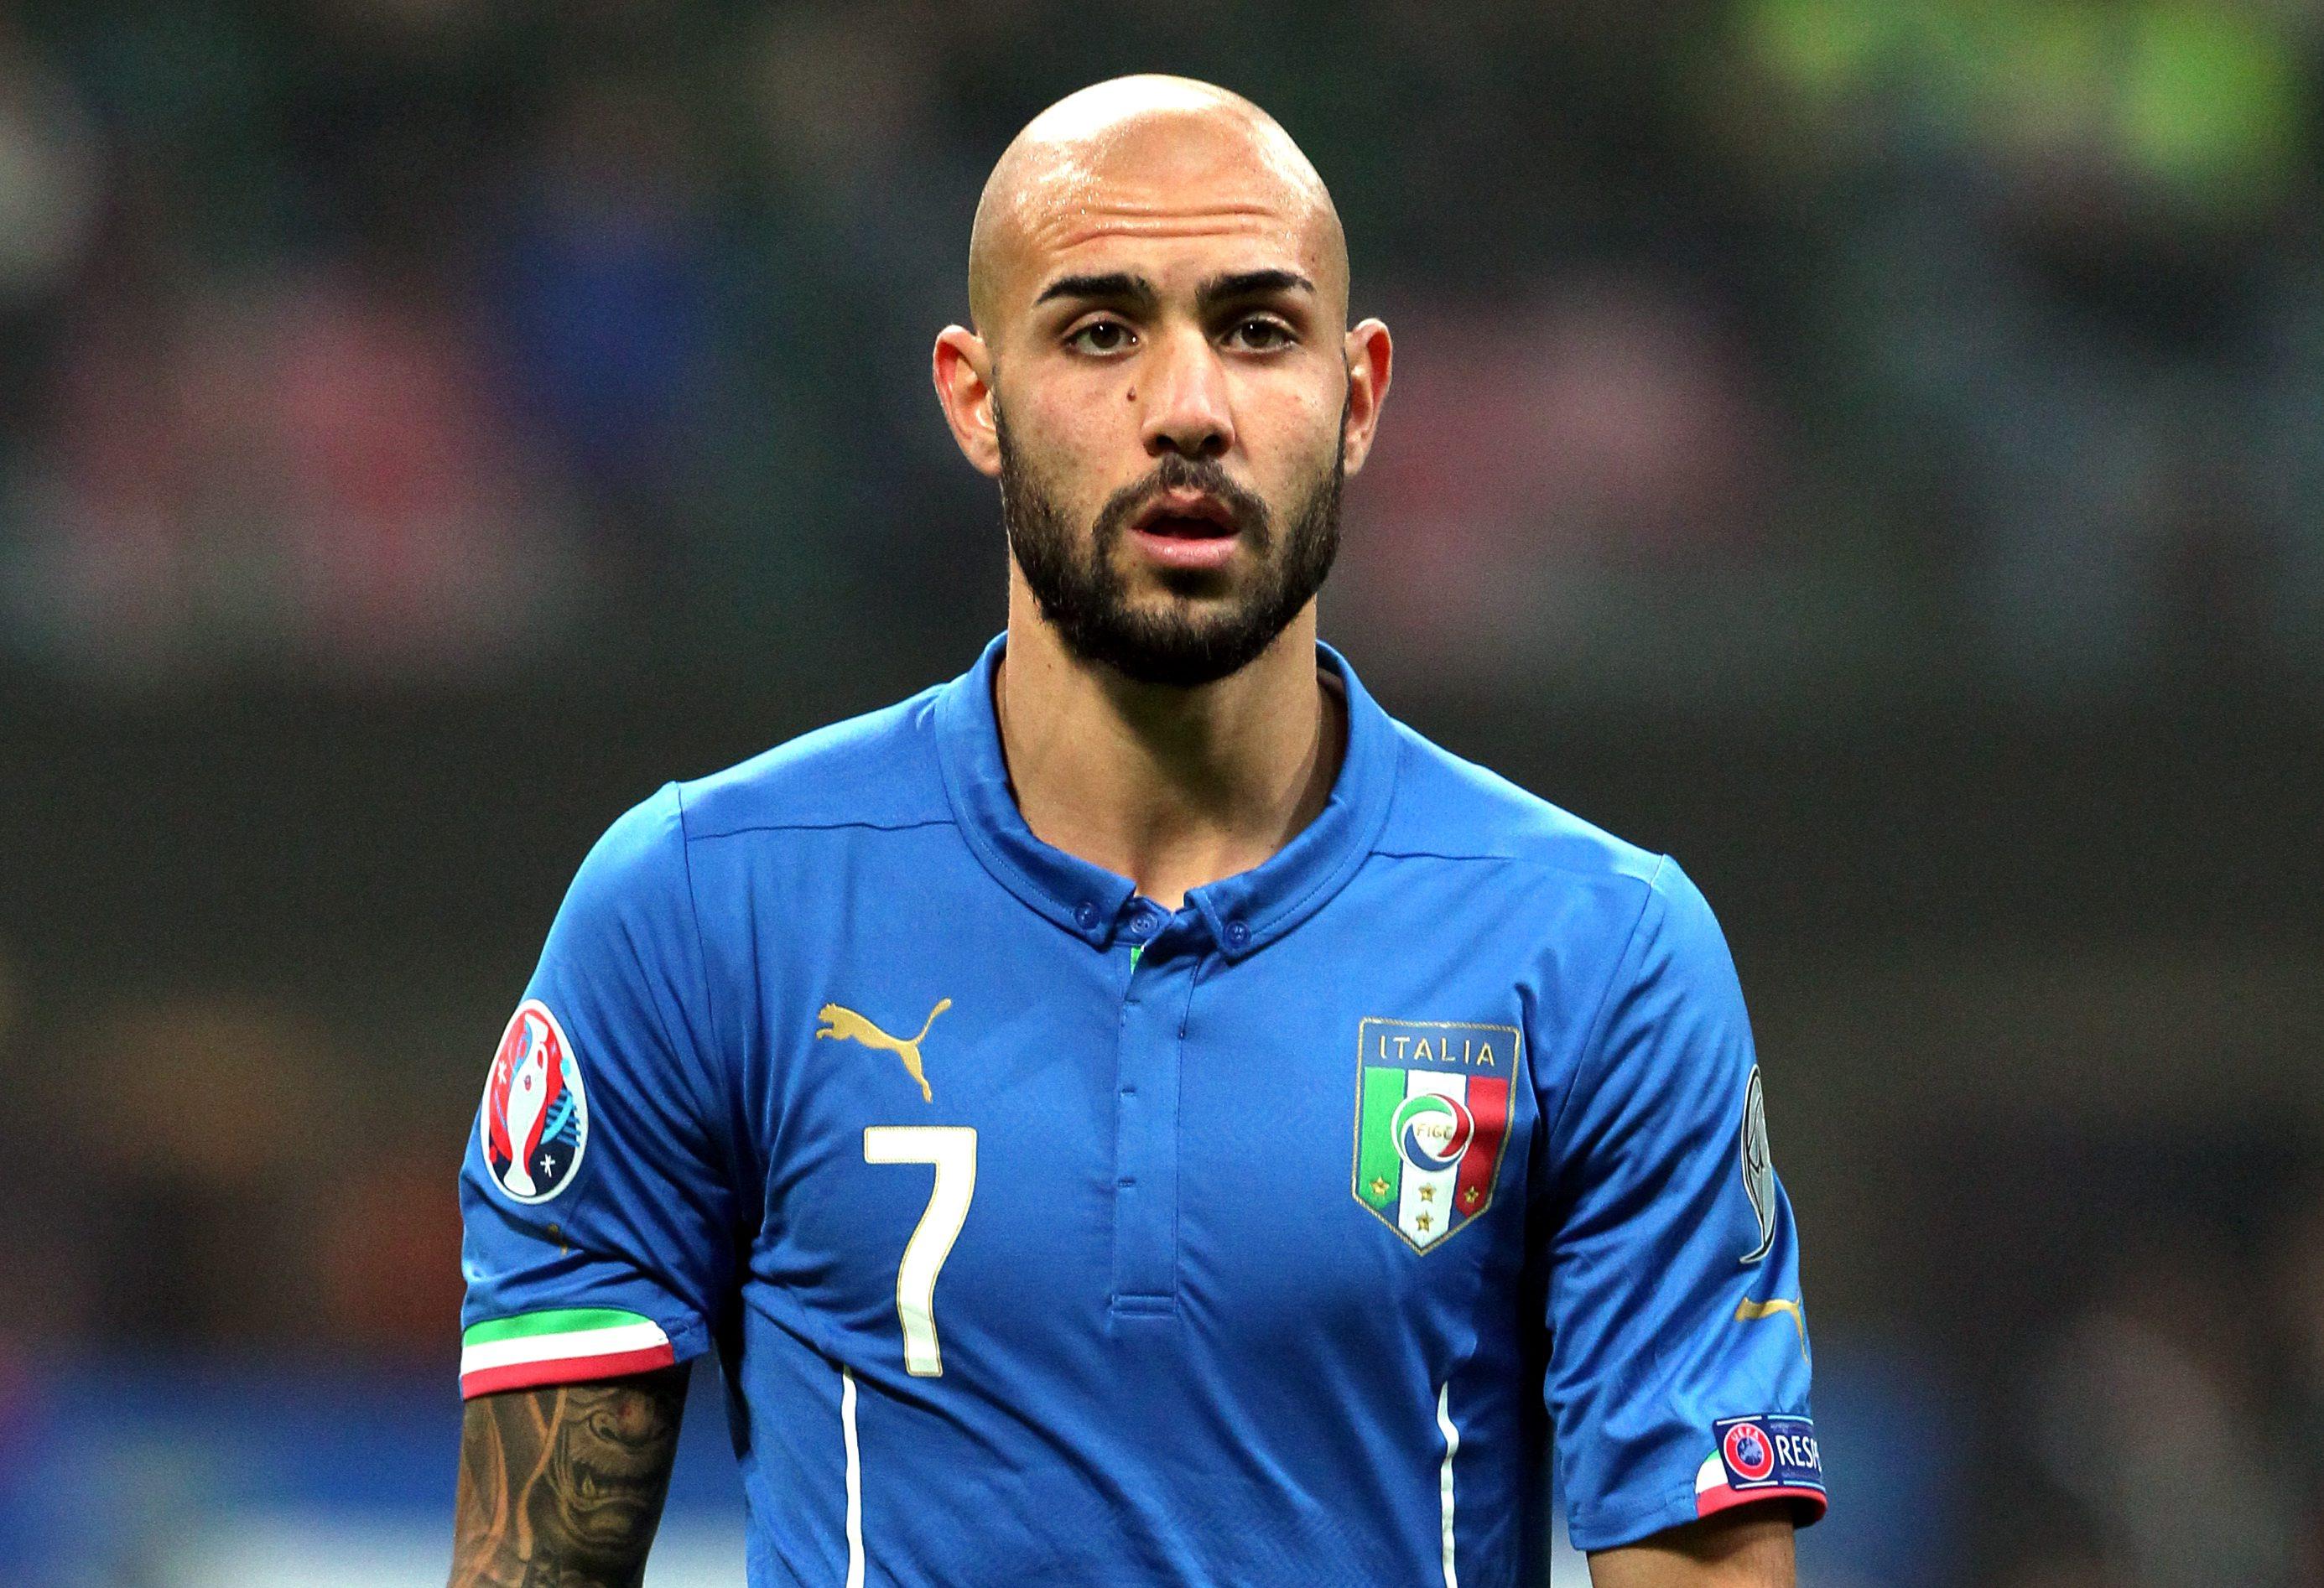 Svezia-Italia, Ventura dovrà rinunciare a Zaza (vittima di un problema al ginocchio)